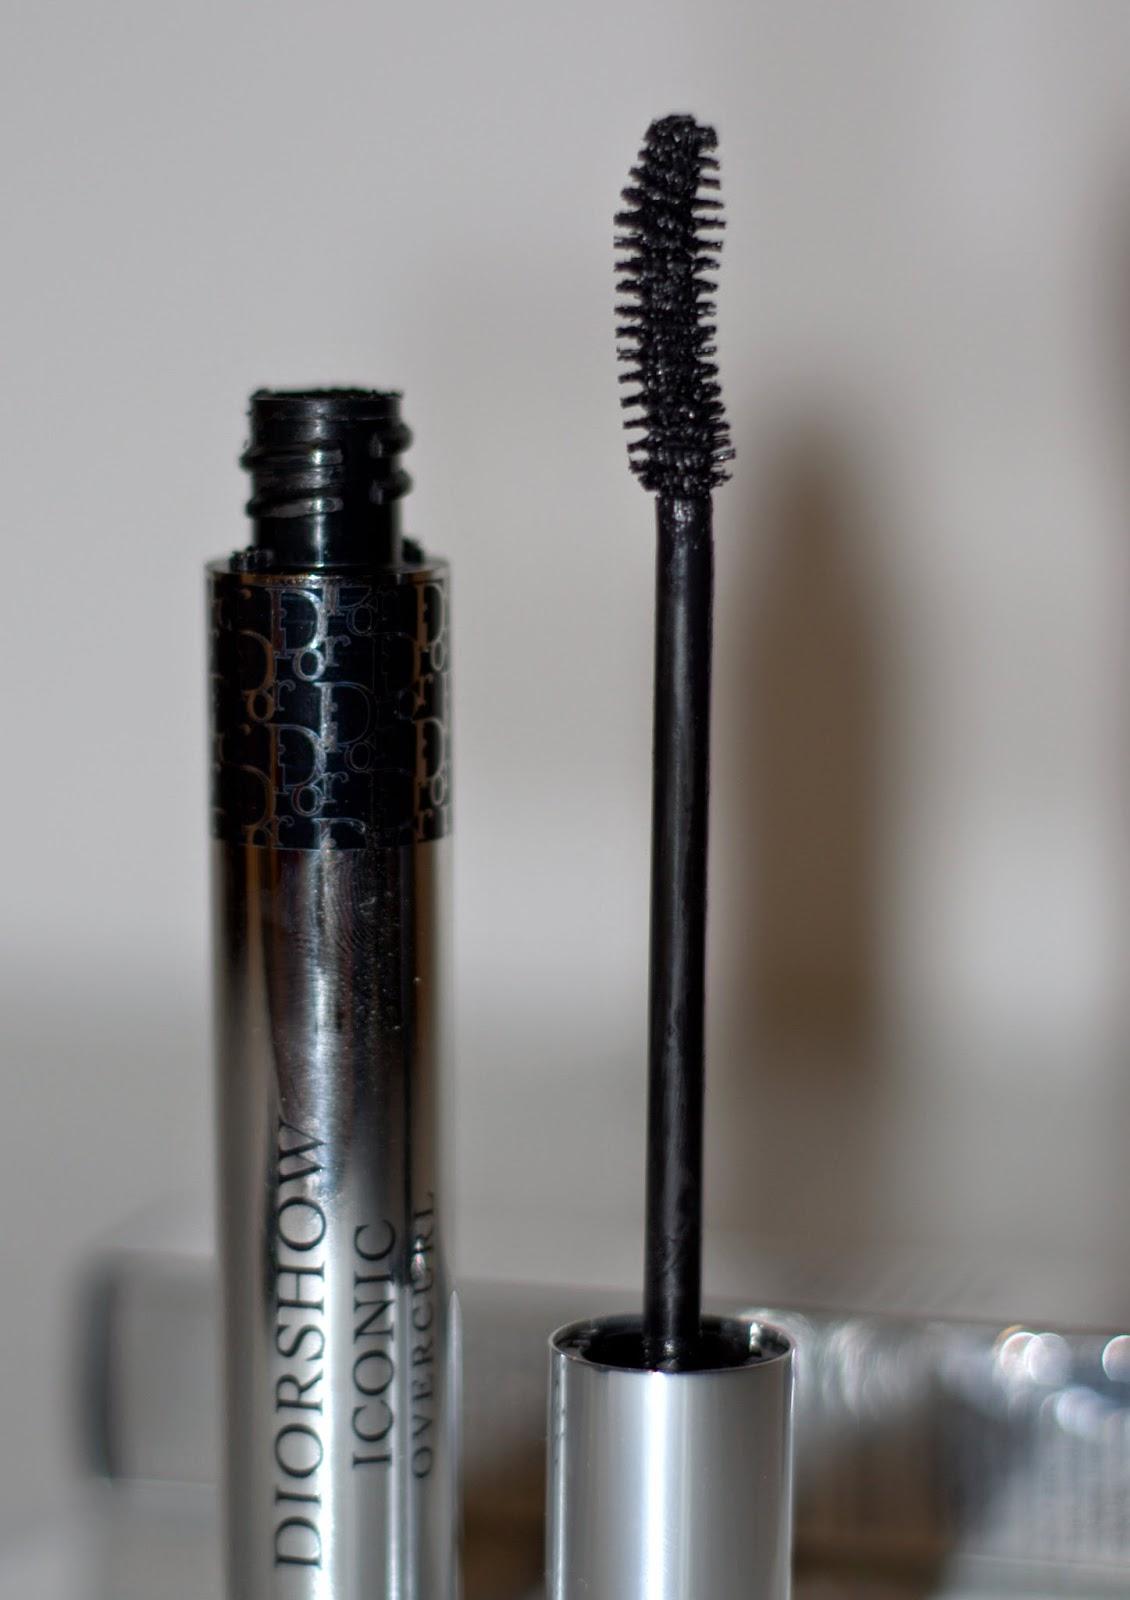 efekt podkręconych tusz Diorshow Iconic Overcurl